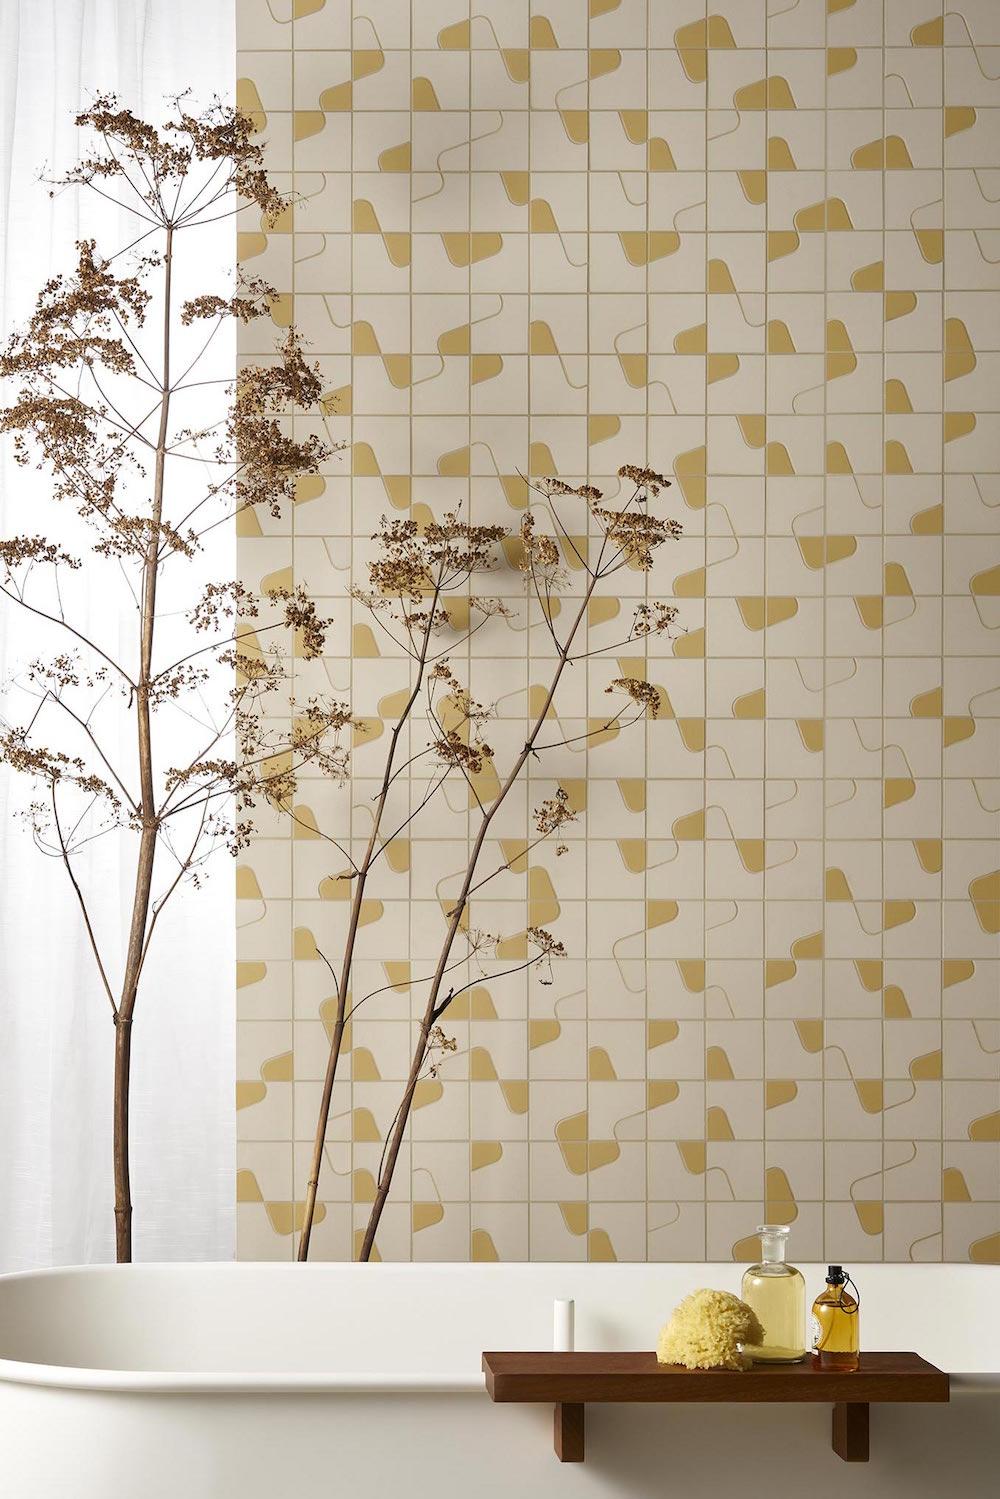 light tiles in bathroom setting